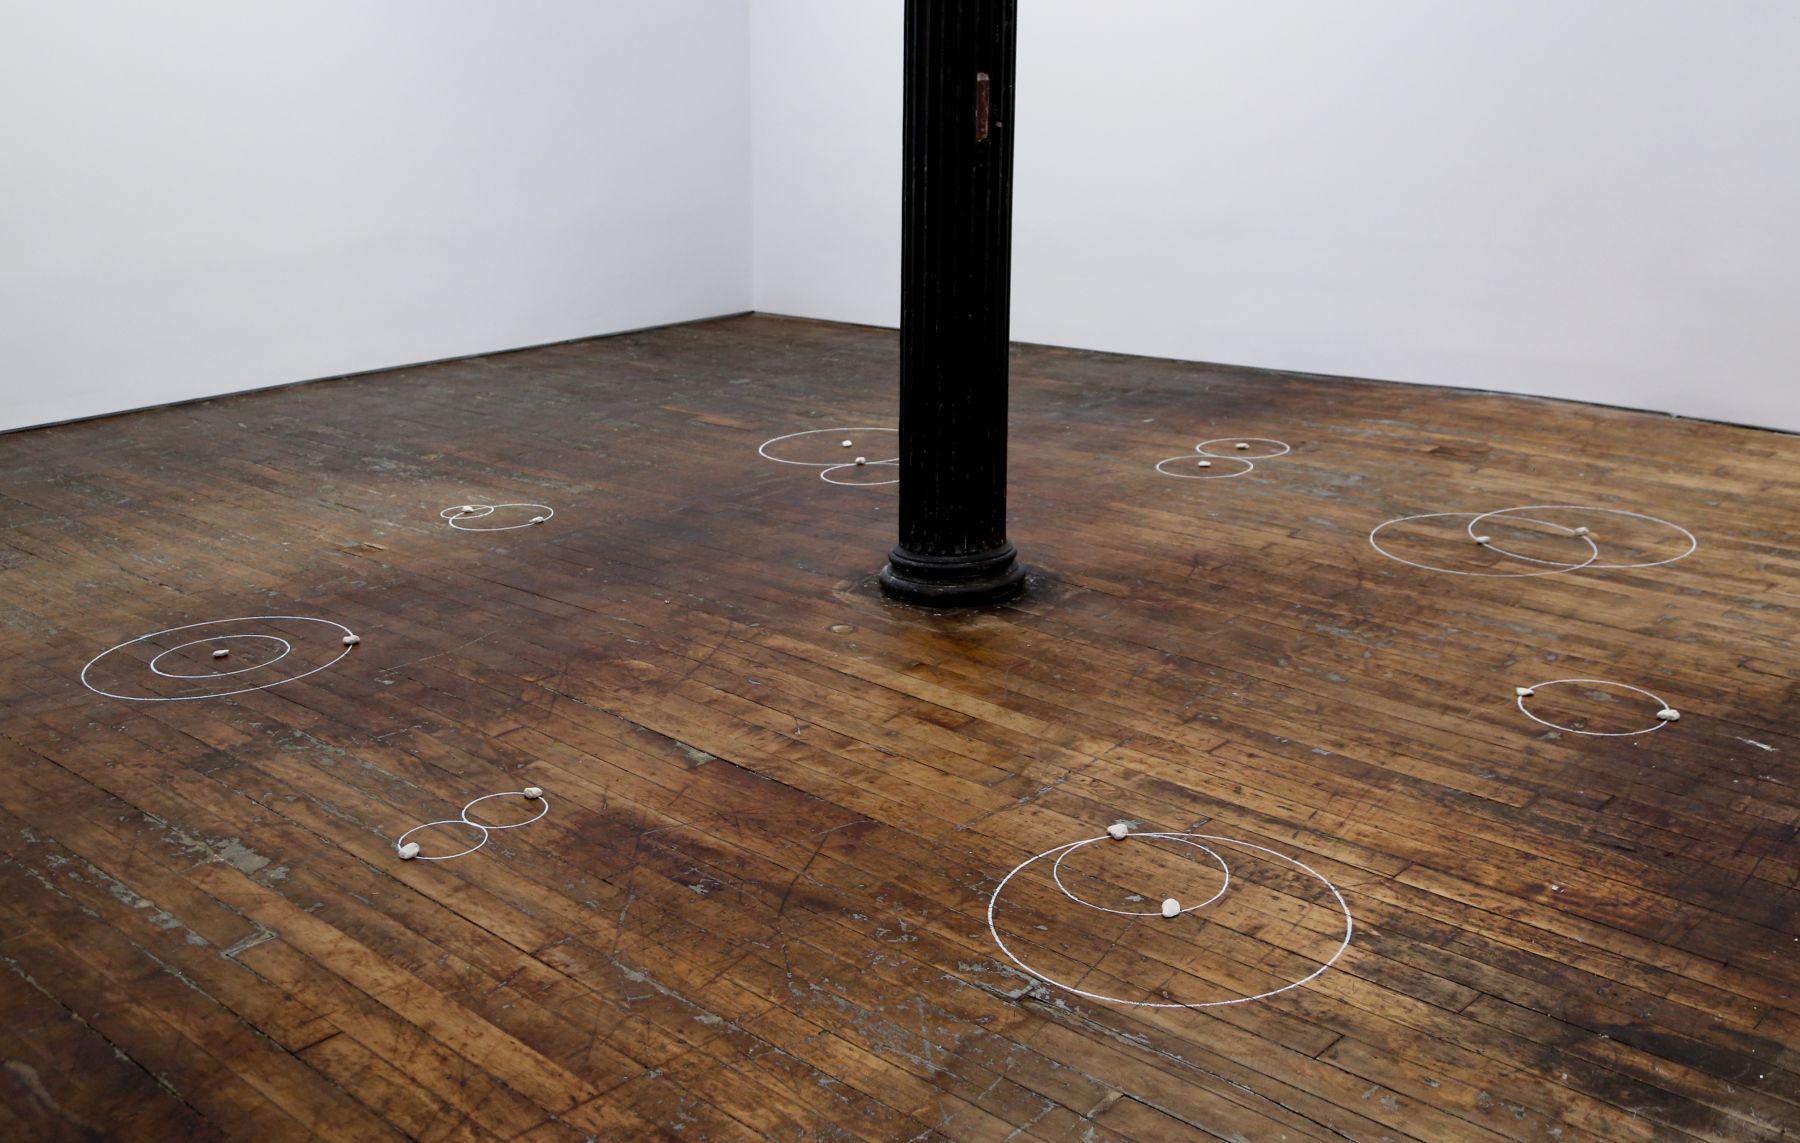 Mel Bochner Vicious Circles